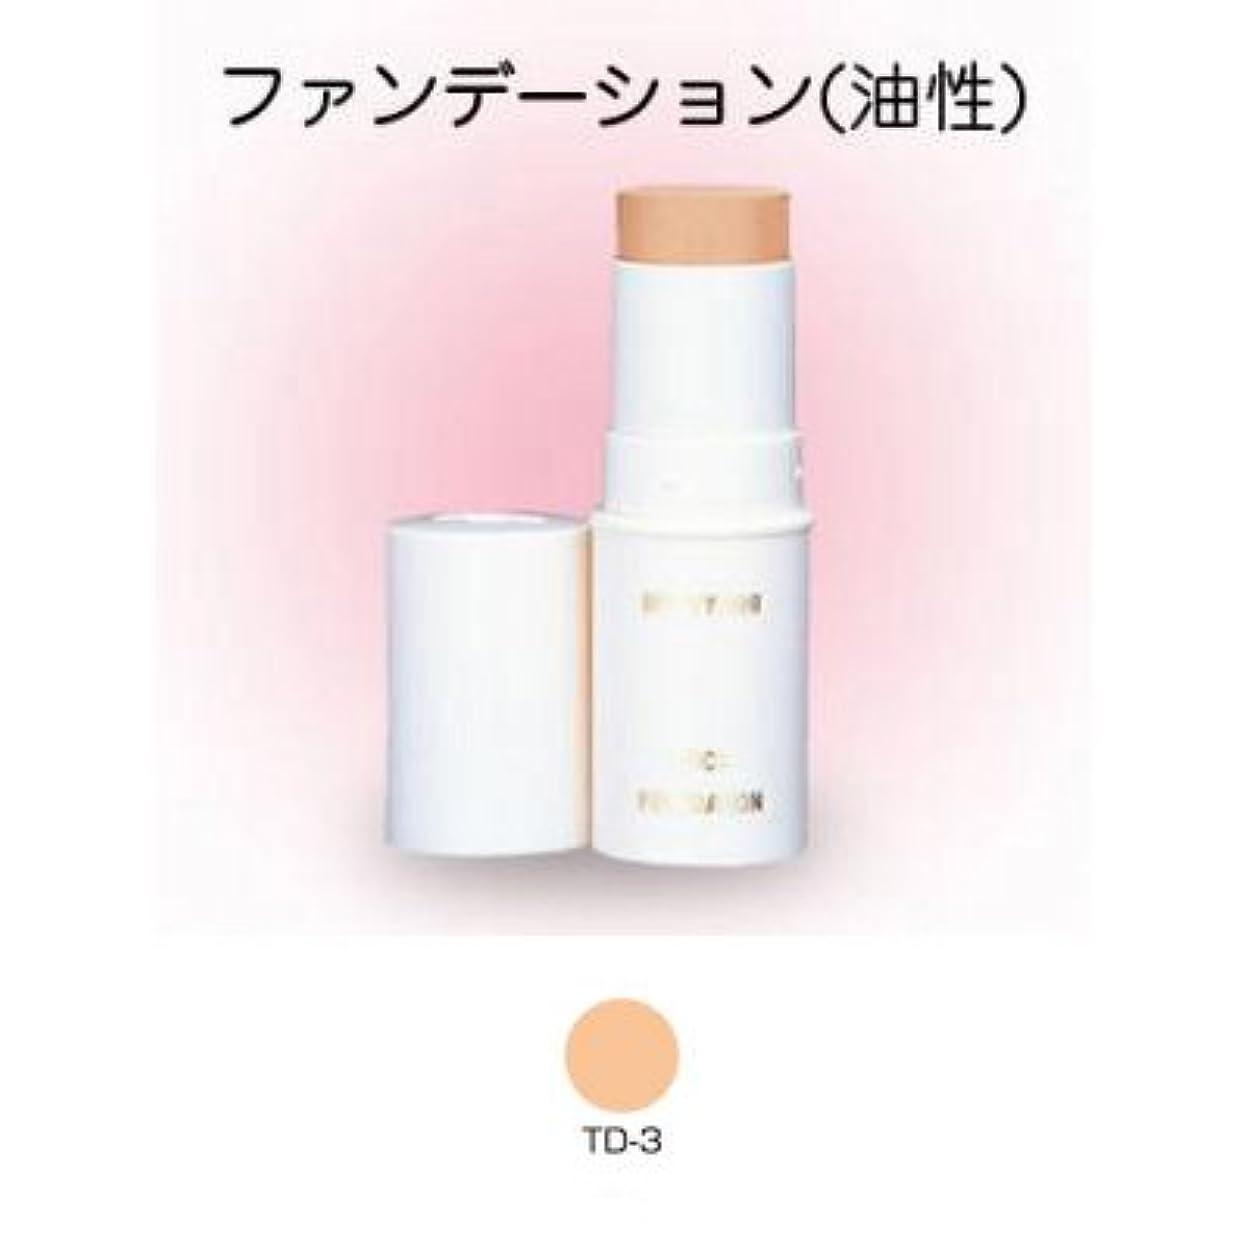 ダム幻滅するヒールスティックファンデーション 16g TD-3 【三善】